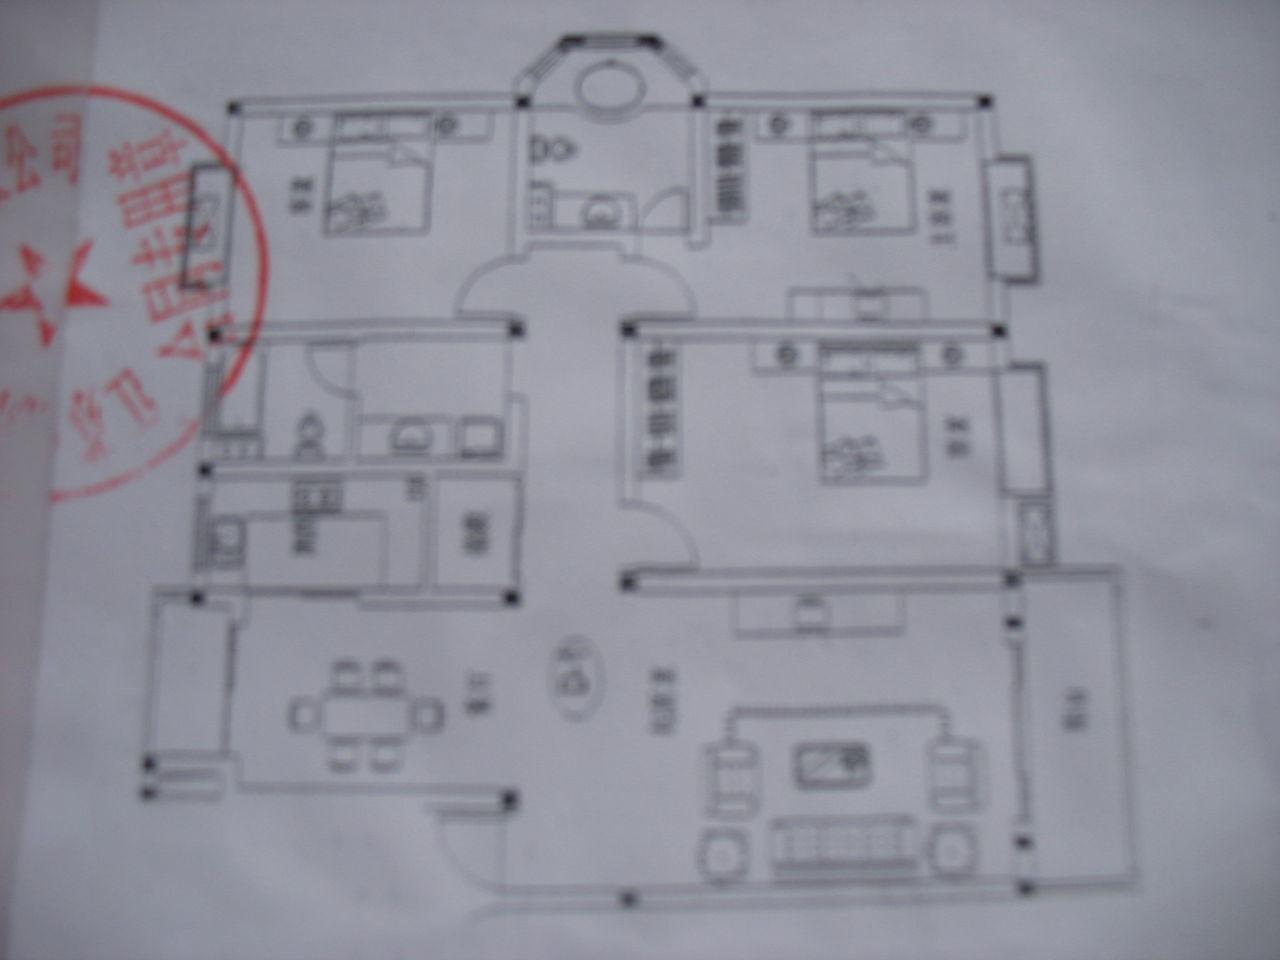 7米乘11米房子设计图-45平方米的房子设计图_9米乘12米房子设计图_12图片